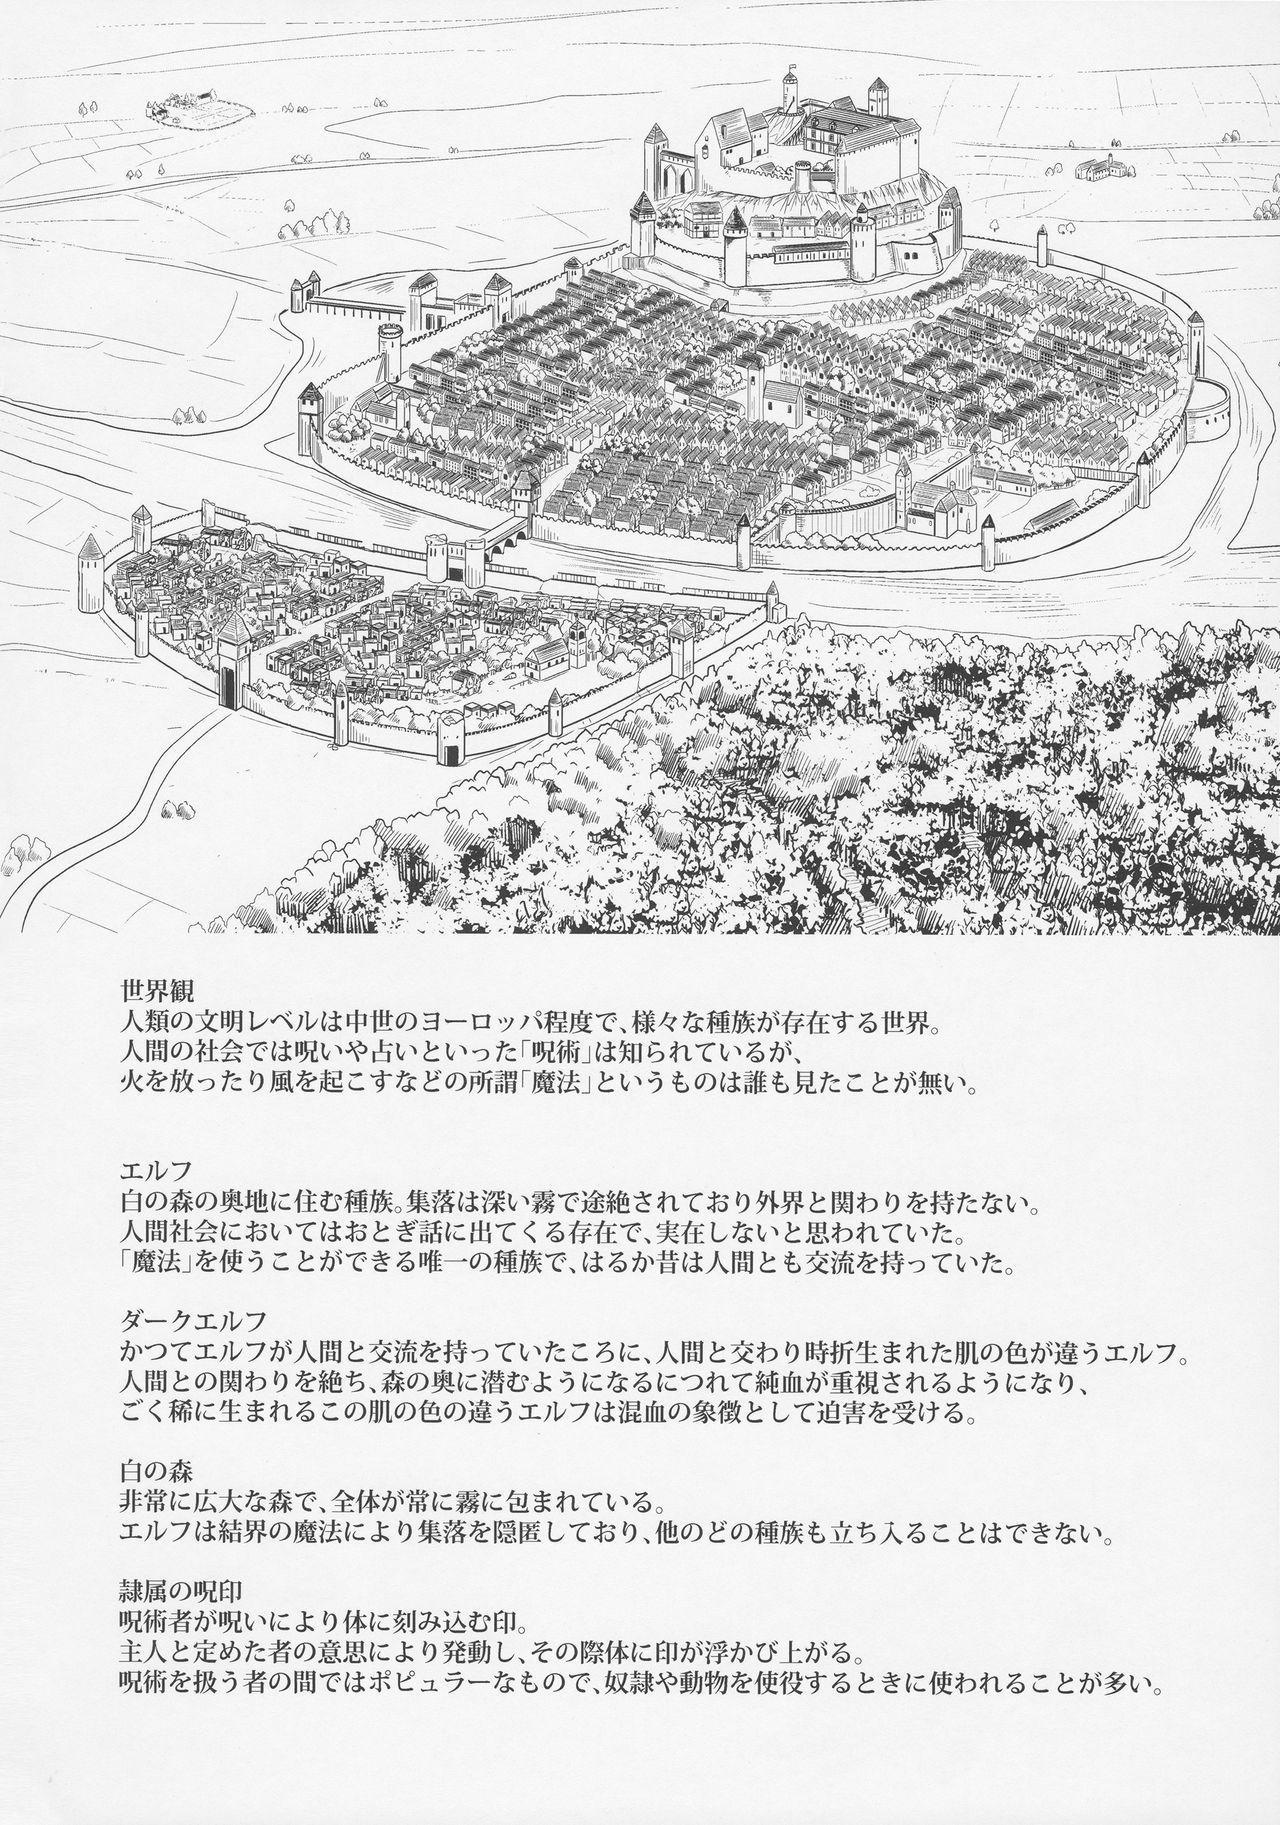 Namida no Hana no Saku Tokoro 2 20